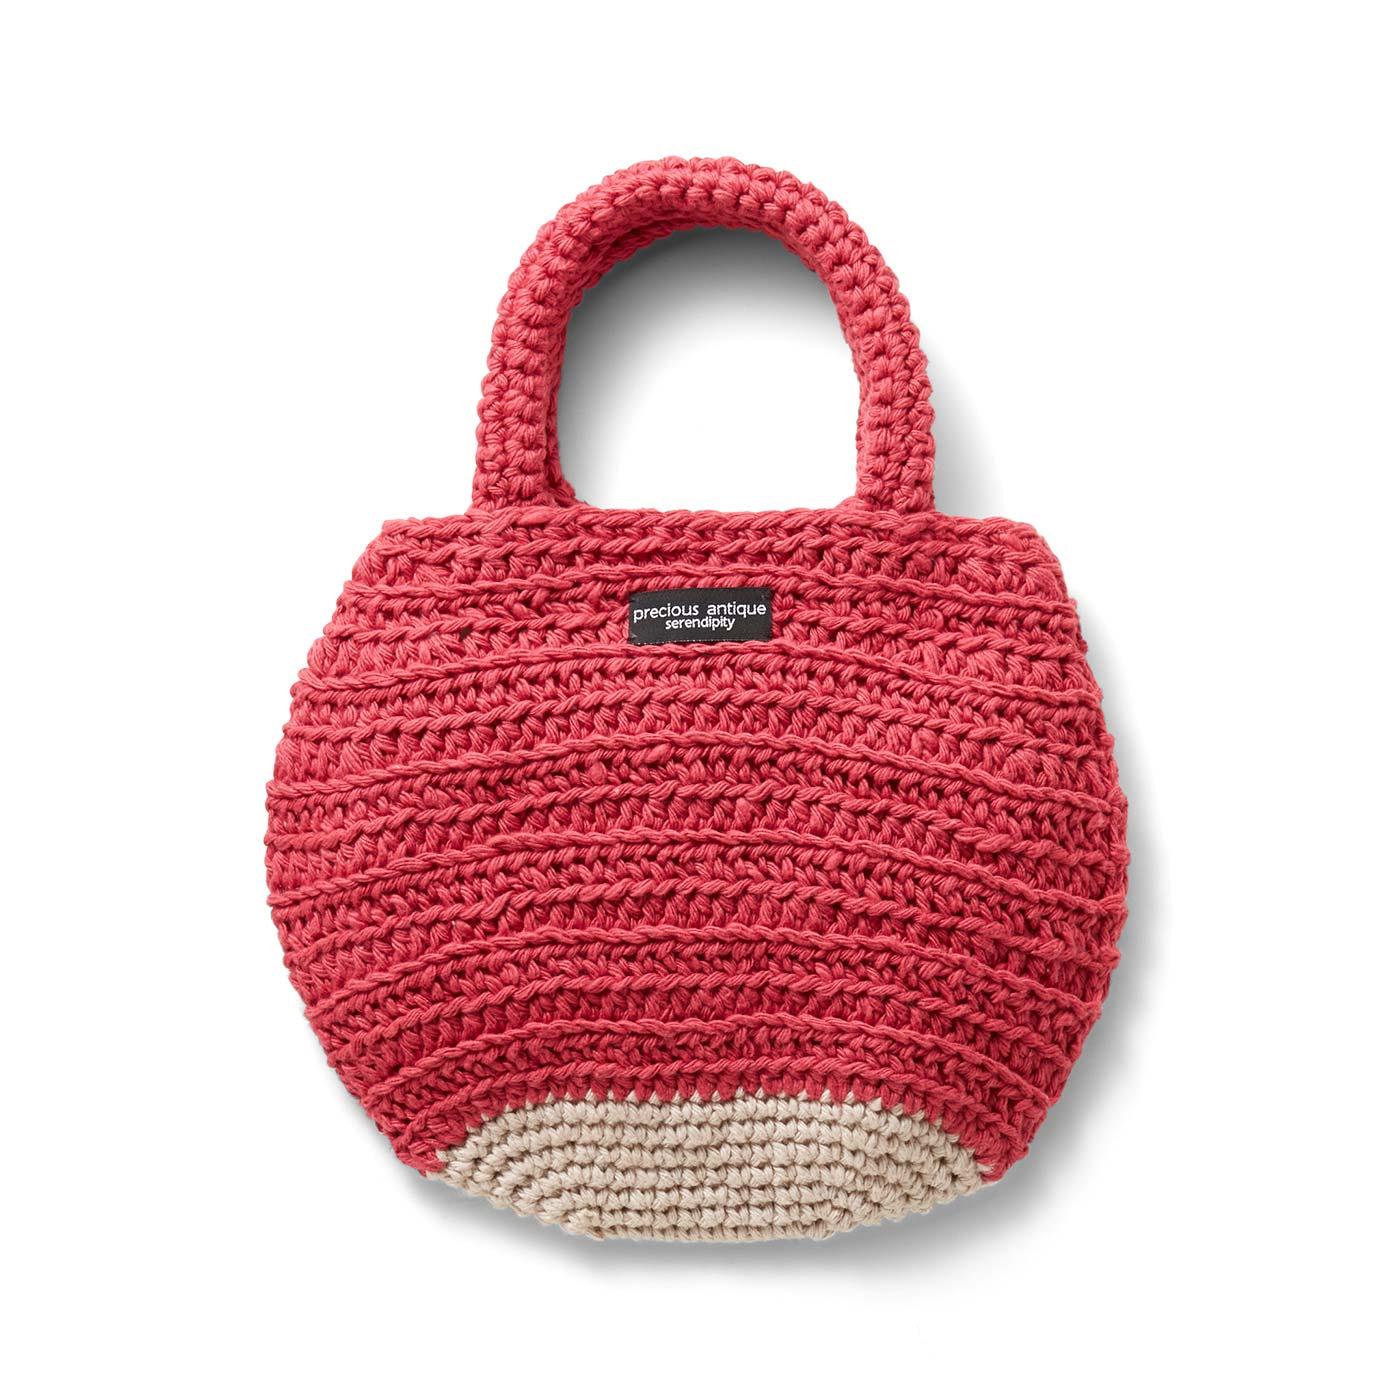 おやつの時間のりんごバッグ 縦約20cm、横約25.5cm(持ち手含まず)